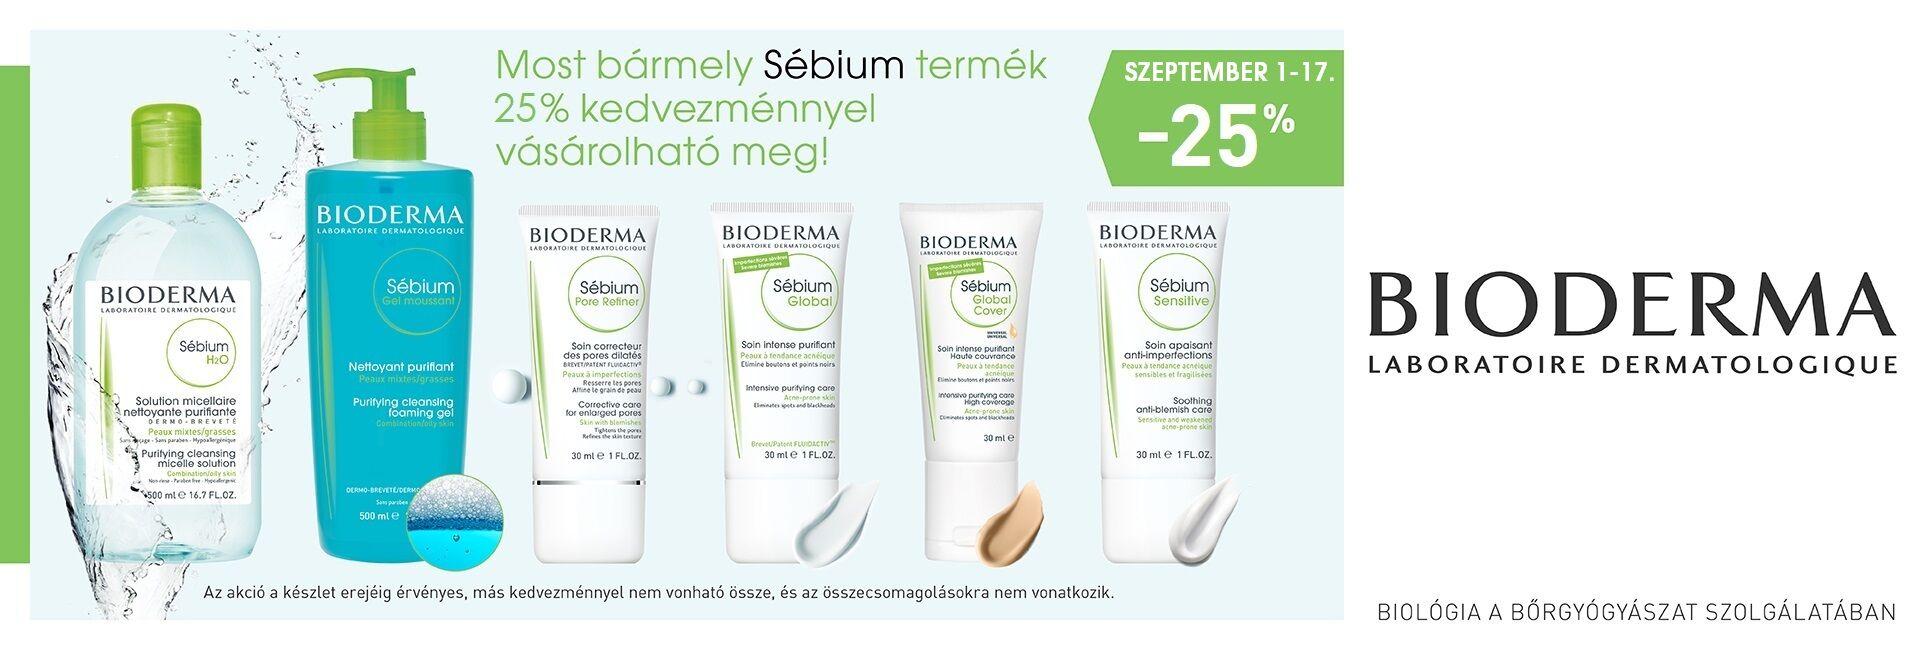 2018. augusztus 29. és szpetember 17. között minden Bioderma Sébium termékre minimum 25% kedvezményt adunk!